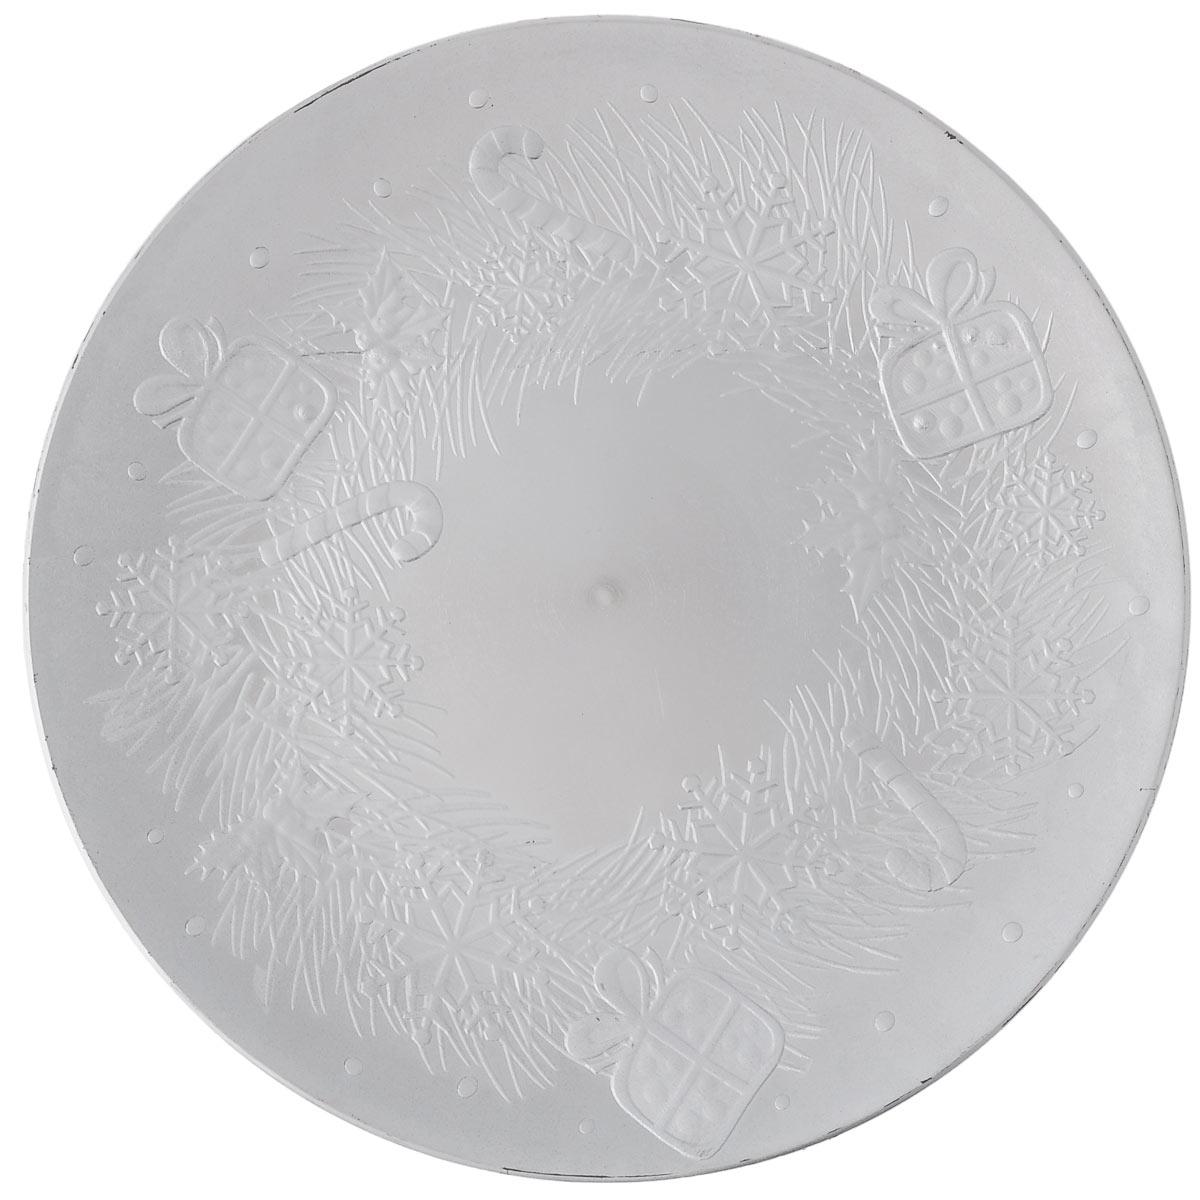 Блюдо Lillo Новогоднее, цвет: серебристый, диаметр 33 см40249Блюдо Lillo Новогоднее, выполненное из высококачественного пластика, оформлено объемнымиизображениями в виде подарков и снежинок.Блюдо Lillo Новогоднее доставит истинное удовольствие ценителям прекрасного. Яркий дизайн, несомненно придется вам по вкусу. Диаметр: 33 см. Высота стенки: 2 см.